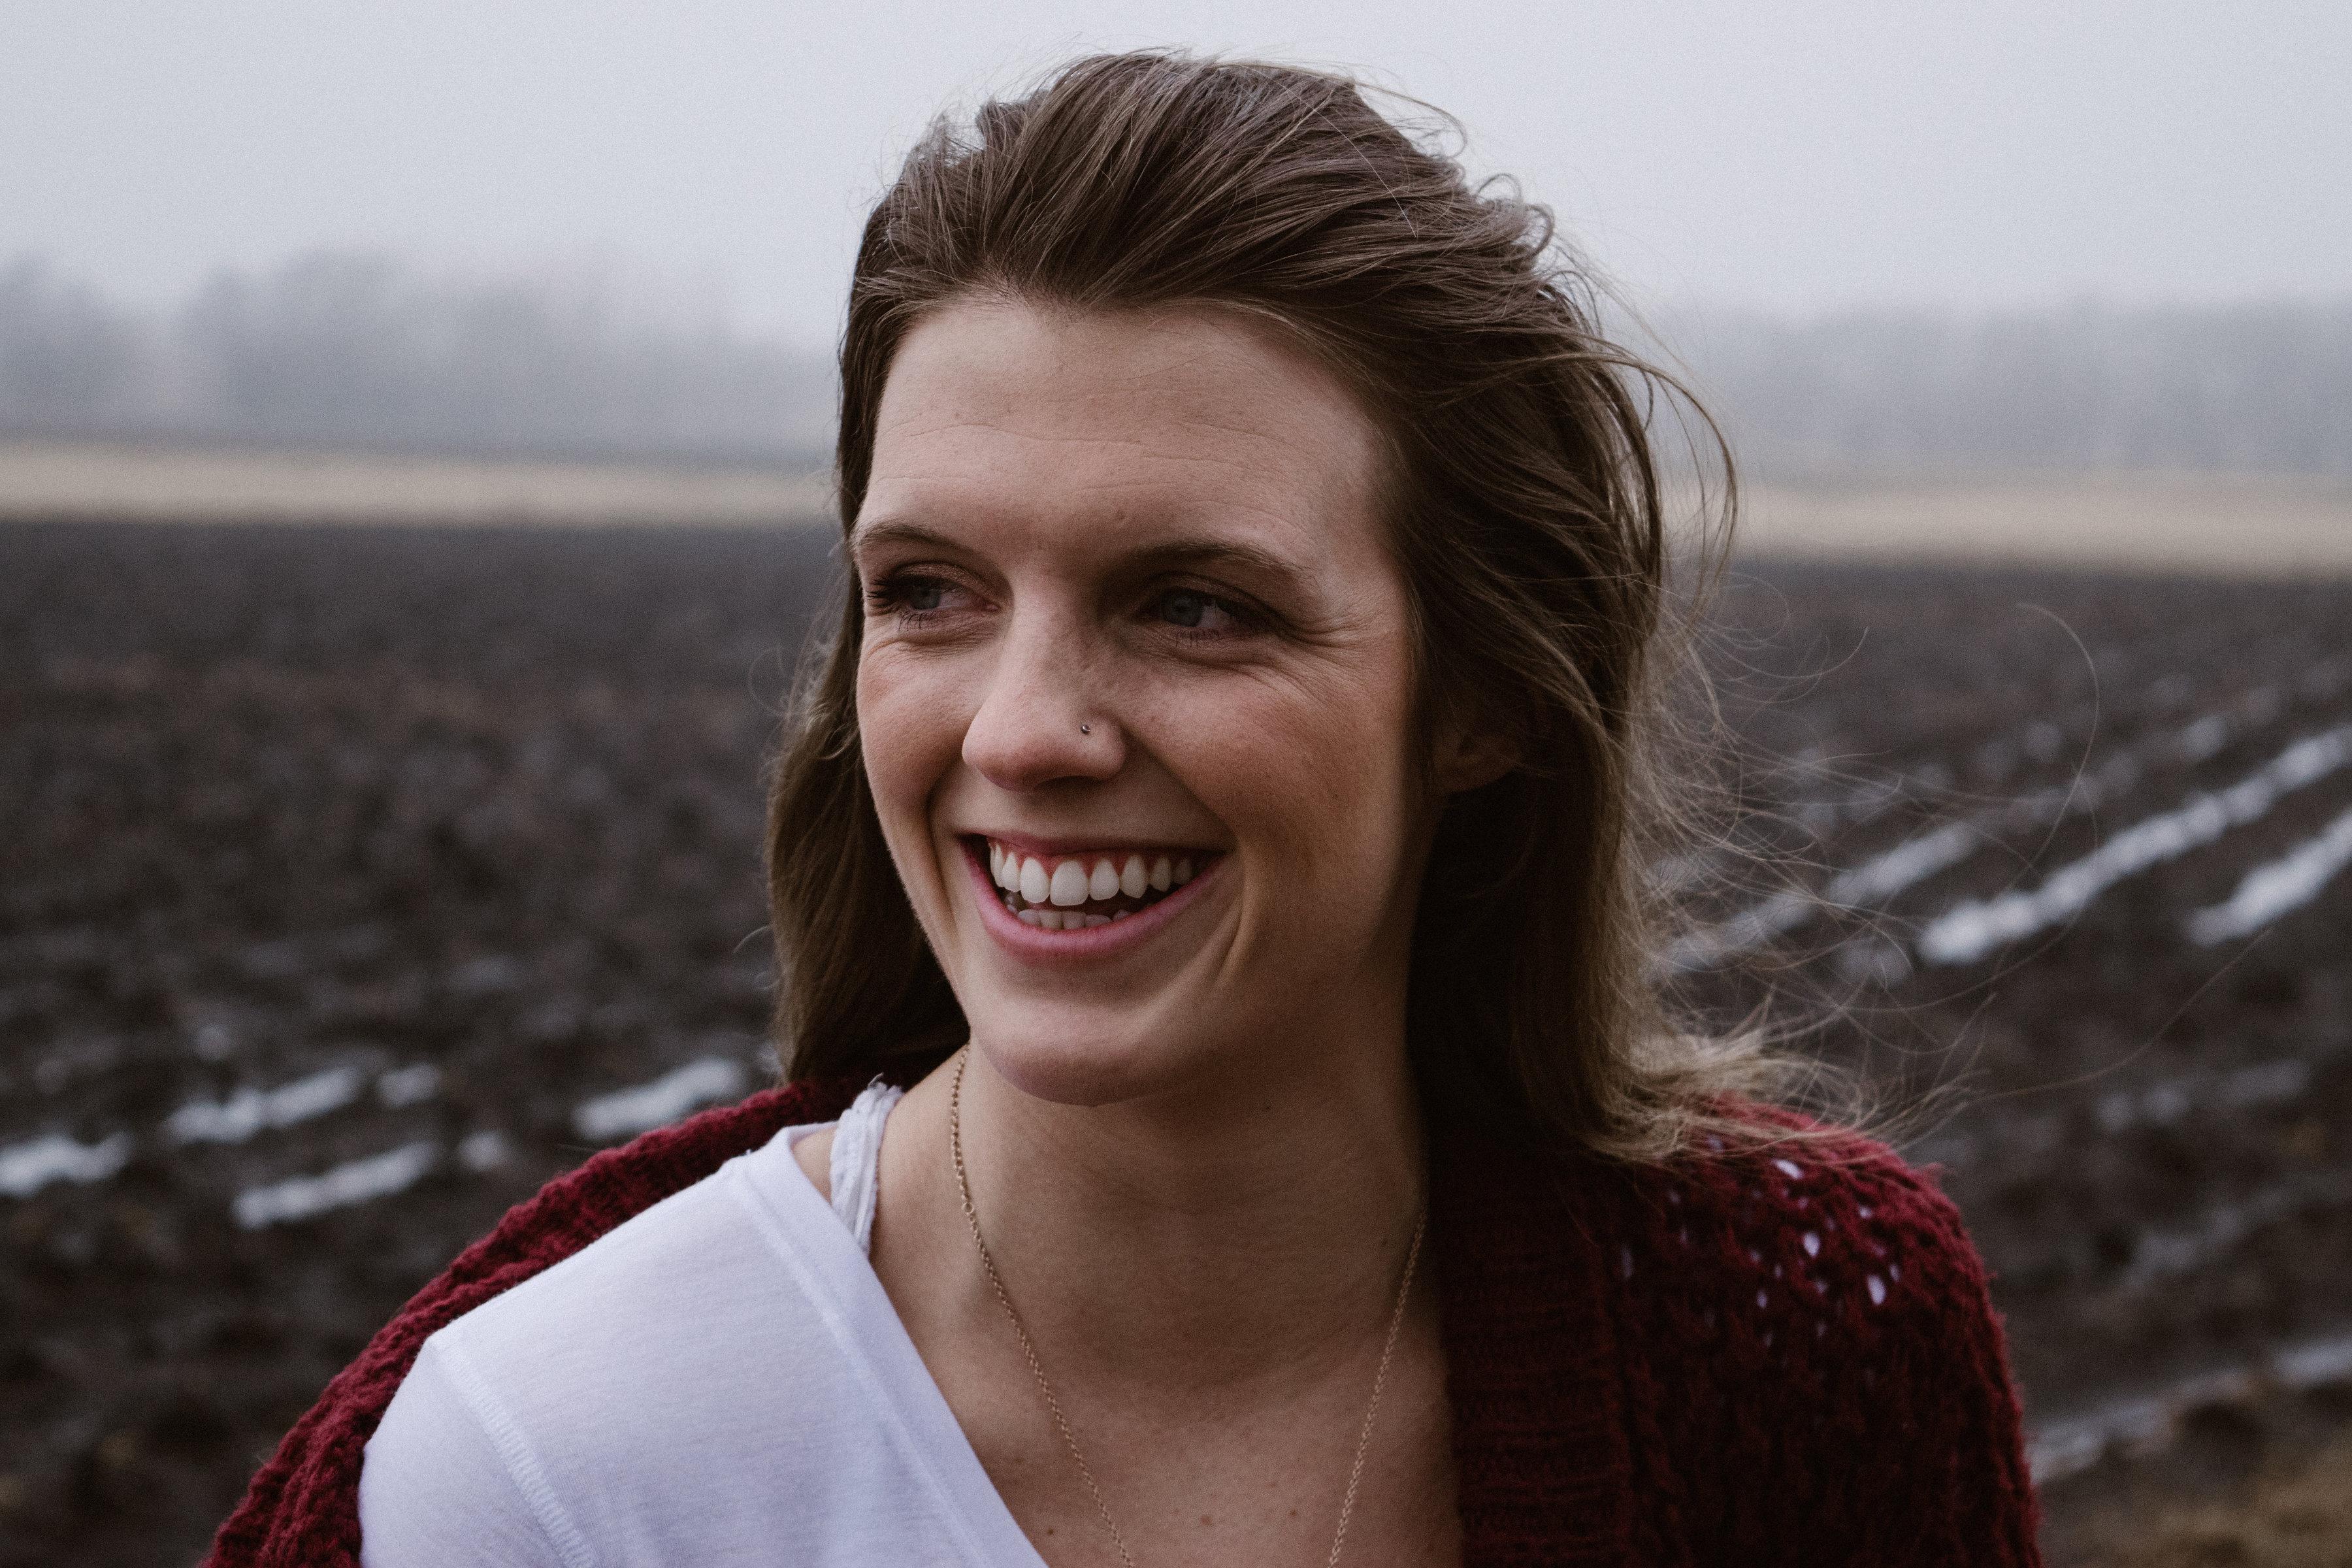 Kali Meyer